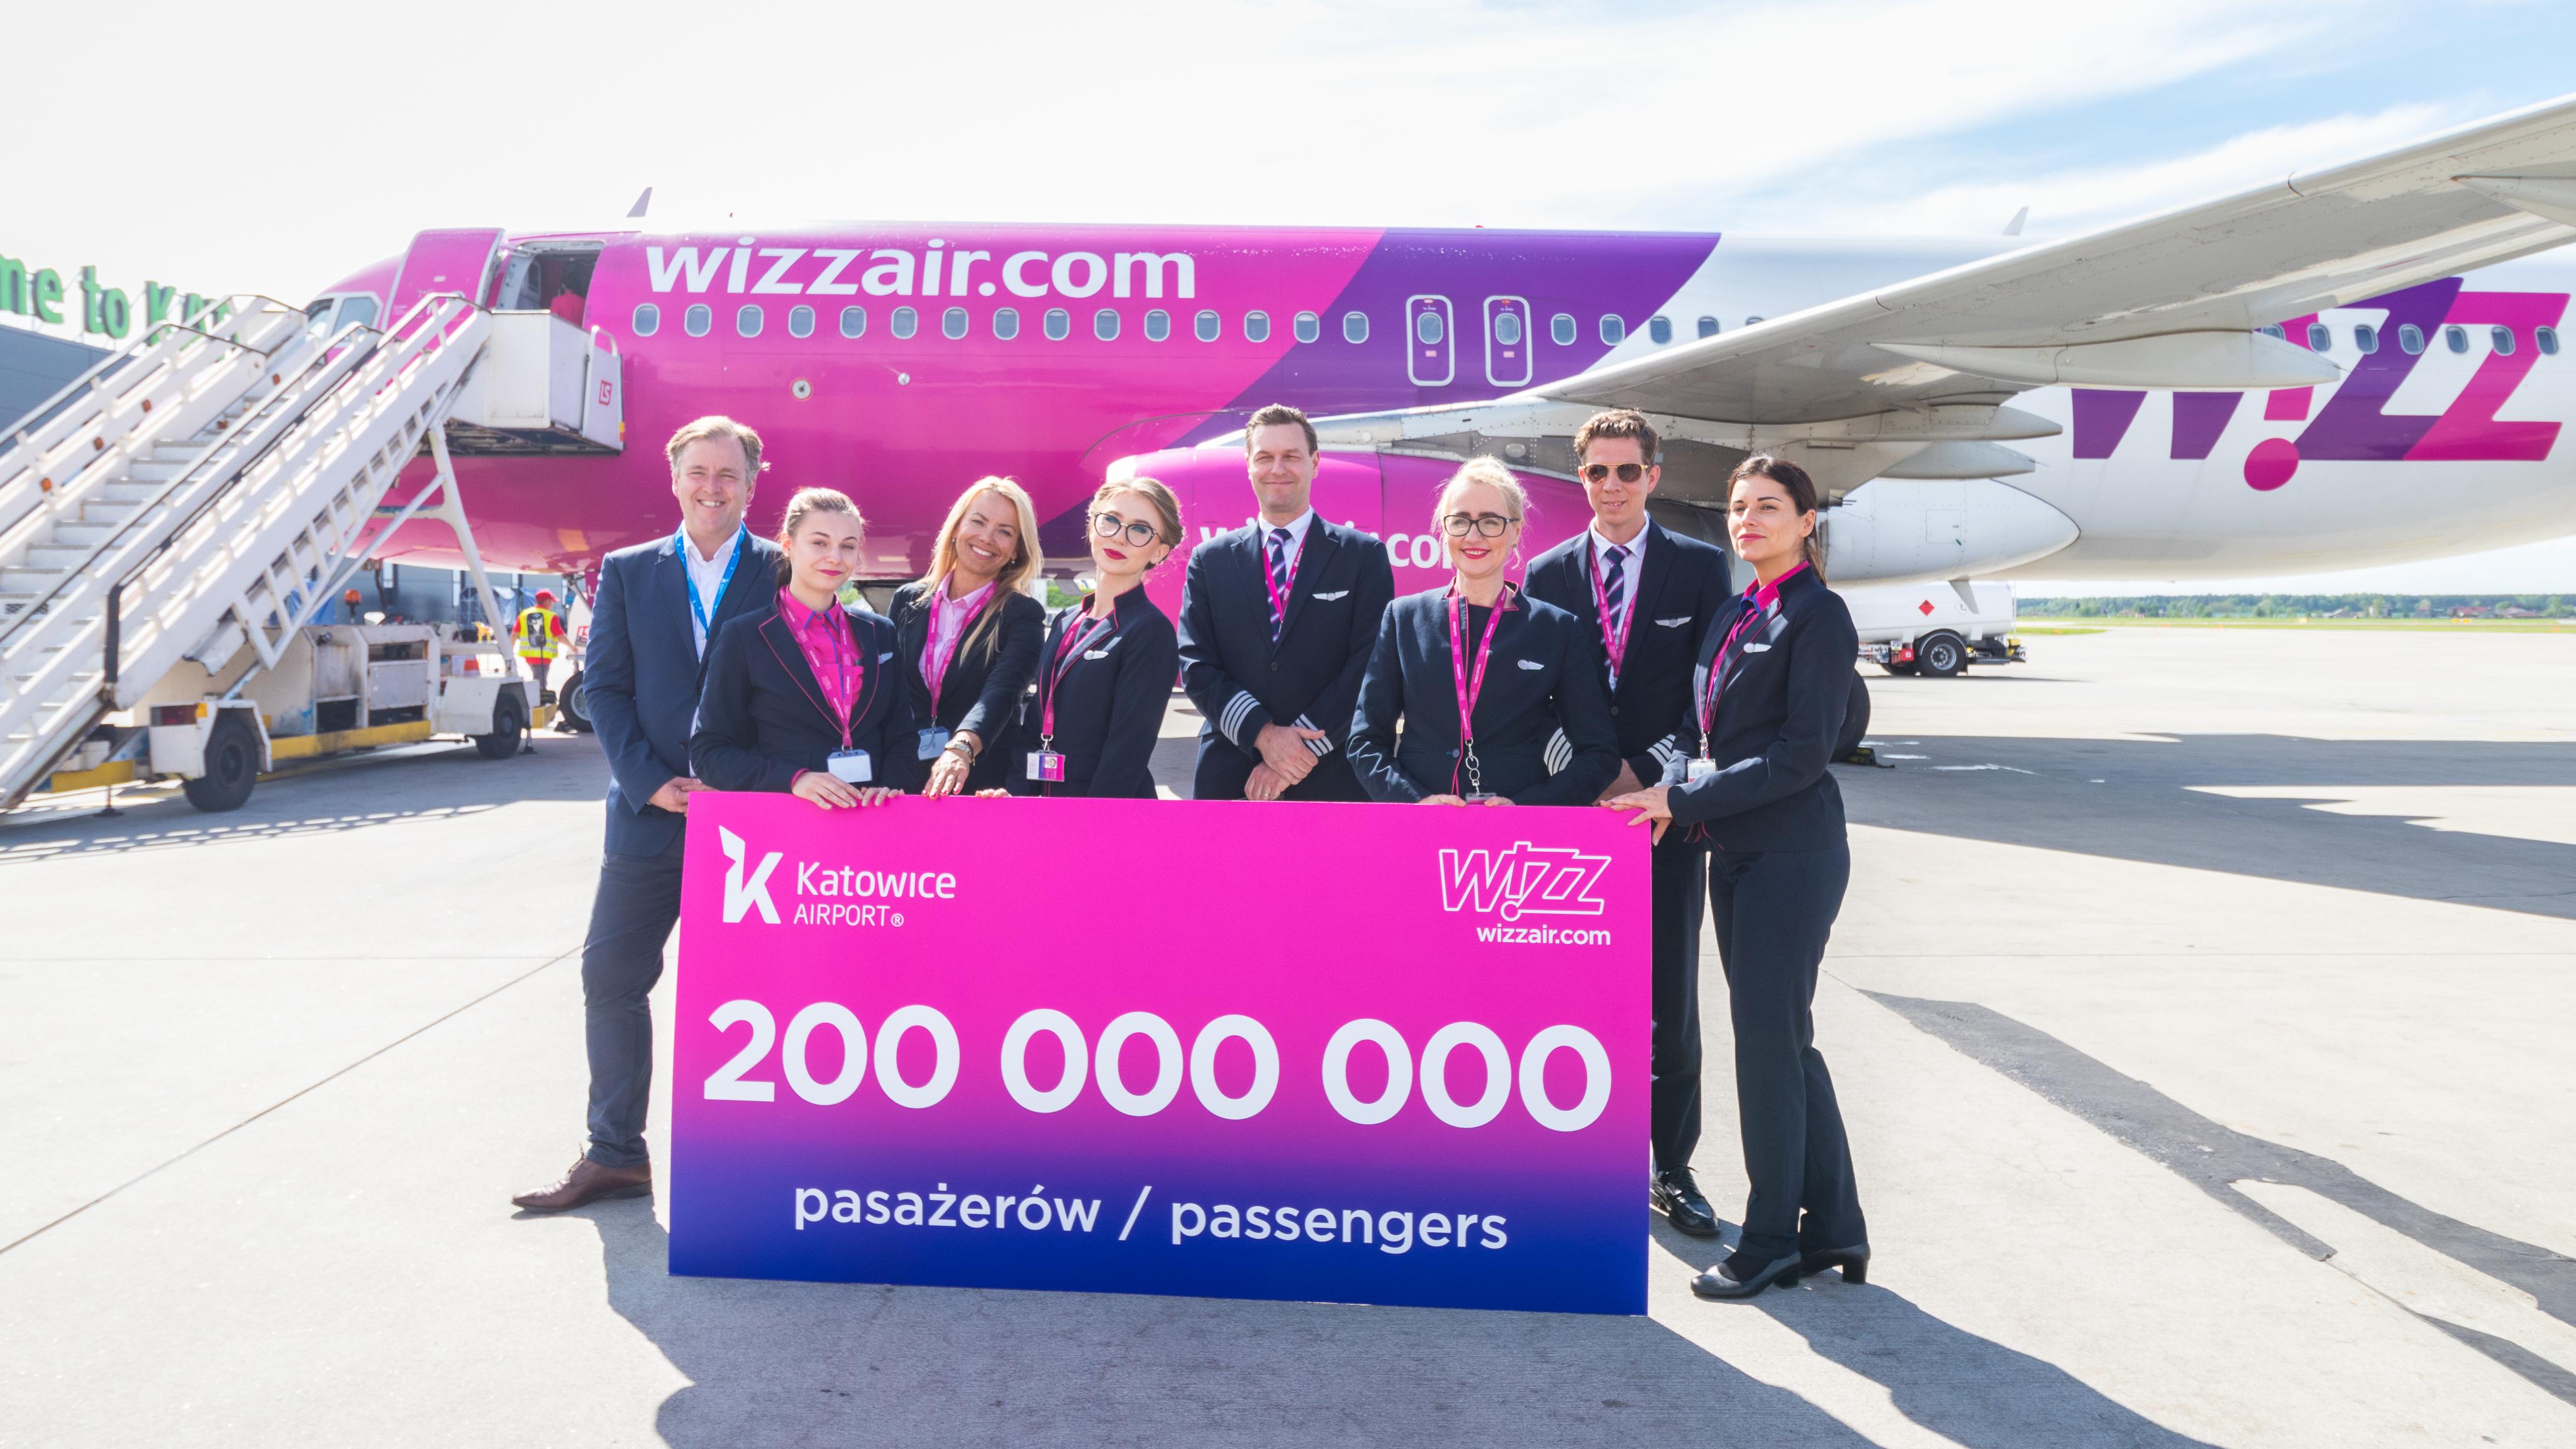 4df8ae2a6633 wizz15_200millio_katowice_3.jpg. A Wizz Air ...